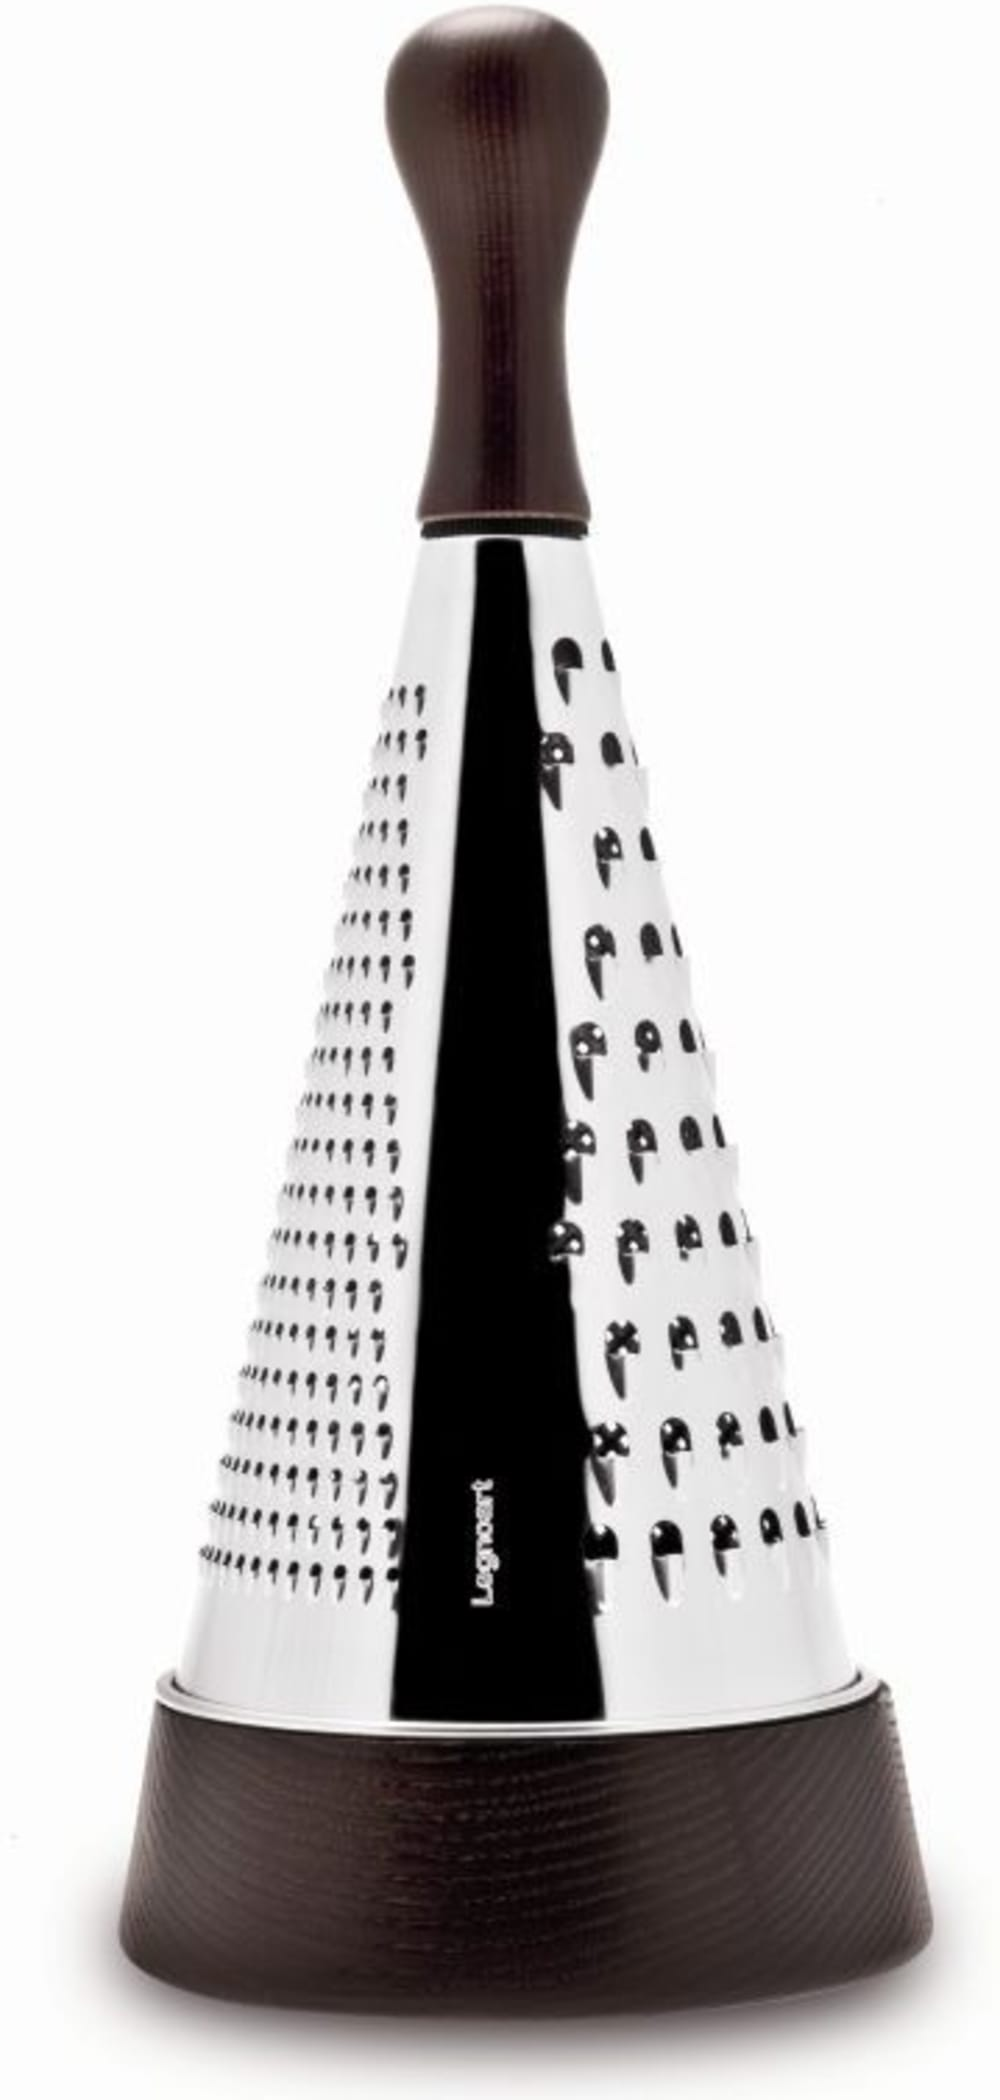 LEGNO - CONICO - stożkowa tarka, duża